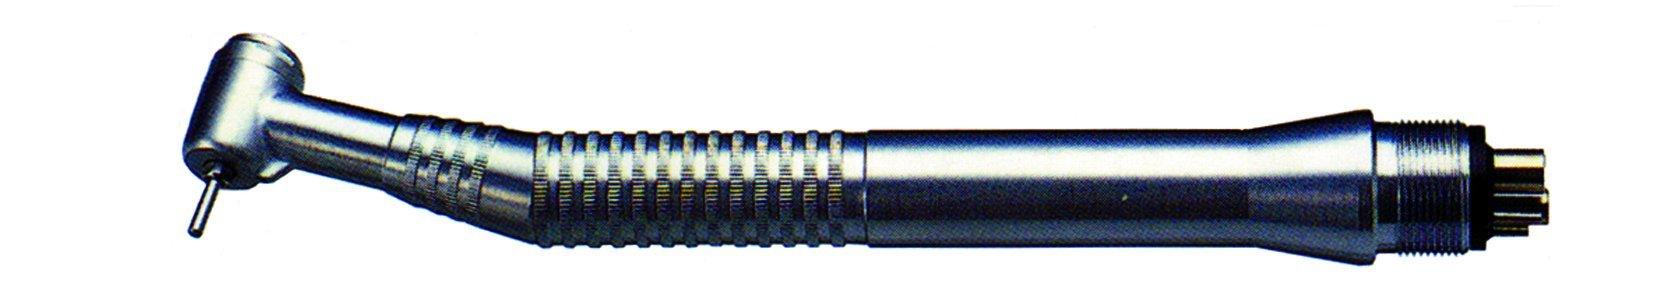 Терапевтический турбинный наконечник TCP-450 M (4 отверстия MIDWEST, Кнопка, 400 000 об.мин.)